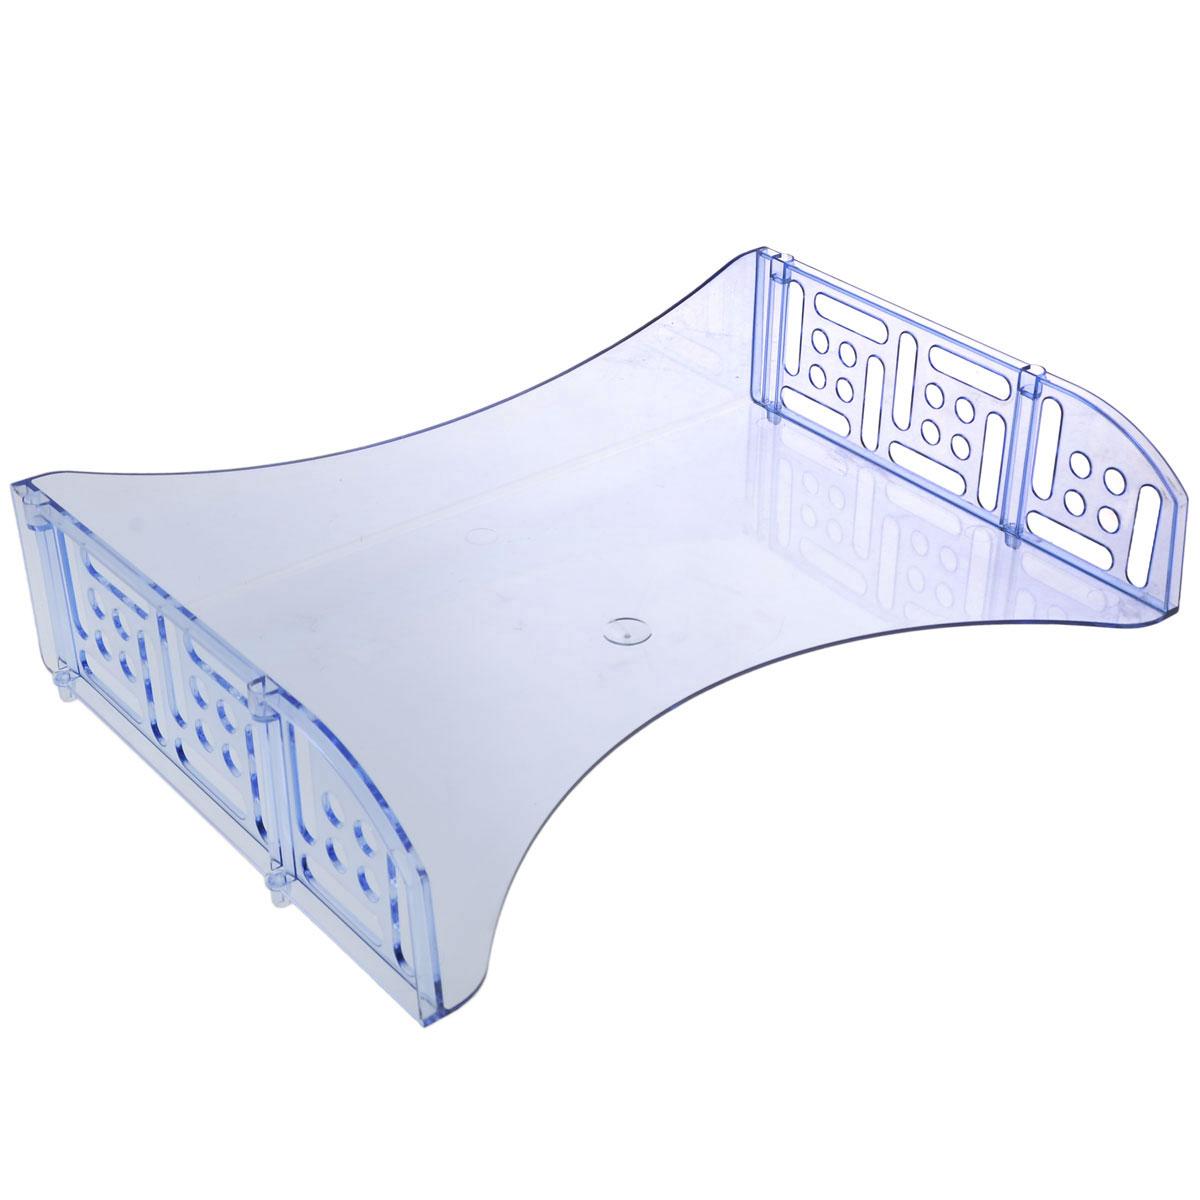 Лоток для бумаг горизонтальный с широкой загрузкой Стамм Филд, цвет: голубой. ЛТ804ЛТ804Горизонтальный лоток для бумаг Стамм Филд предназначен для хранения бумаг и документов формата А4. Лоток с оригинальным дизайном корпуса поможет вам навести порядок на столе и сэкономить пространство. Лоток изготовлен из прочного пластика. Широкая загрузка во фронтальной части лотка облегчает изъятие документов из накопителя. Несколько лотков можно ставить друг на друга. Лоток для бумаг станет незаменимым помощником для работы с бумагами дома или в офисе, а его стильный дизайн впишется в любой интерьер. Благодаря лотку для бумаг, важные бумаги и документы всегда будут под рукой.